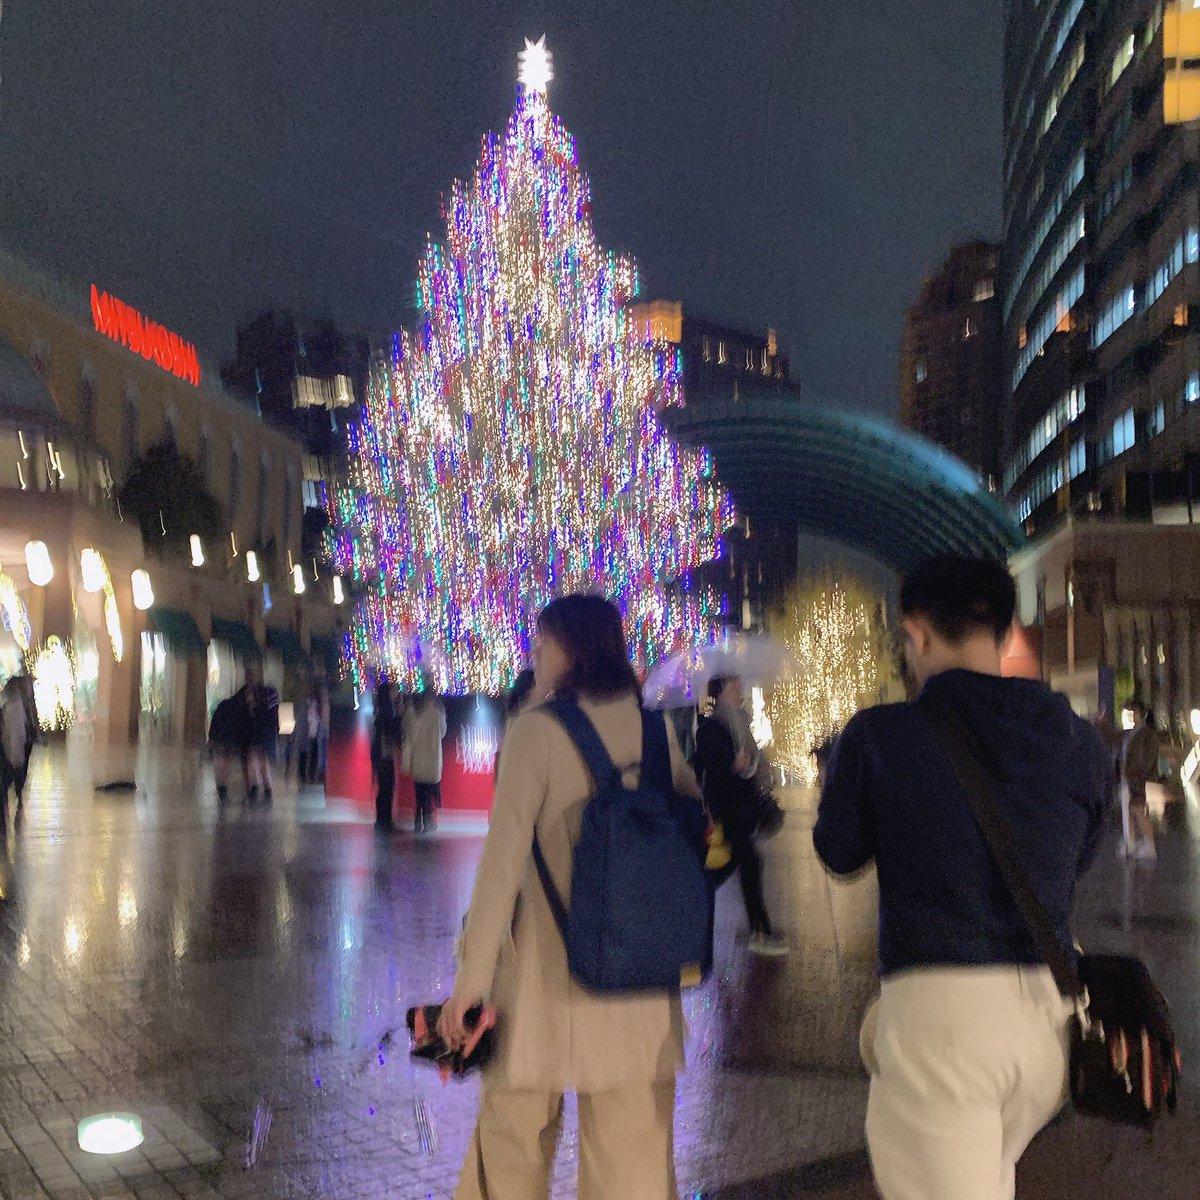 今の時期、クリスマスコフレとかクリスマスプレゼントとかカニ鍋とか寿司の美味しい季節到来とか、誘惑が鬼すぎて財布の紐緩みがちとかいうけど、そんなレベルじゃない。クレジットカードが唸る。クレカ唸る季節が来る。これだ。#クレジットカードが唸る #クレカ唸る #いきすぎるとクレカ歪む